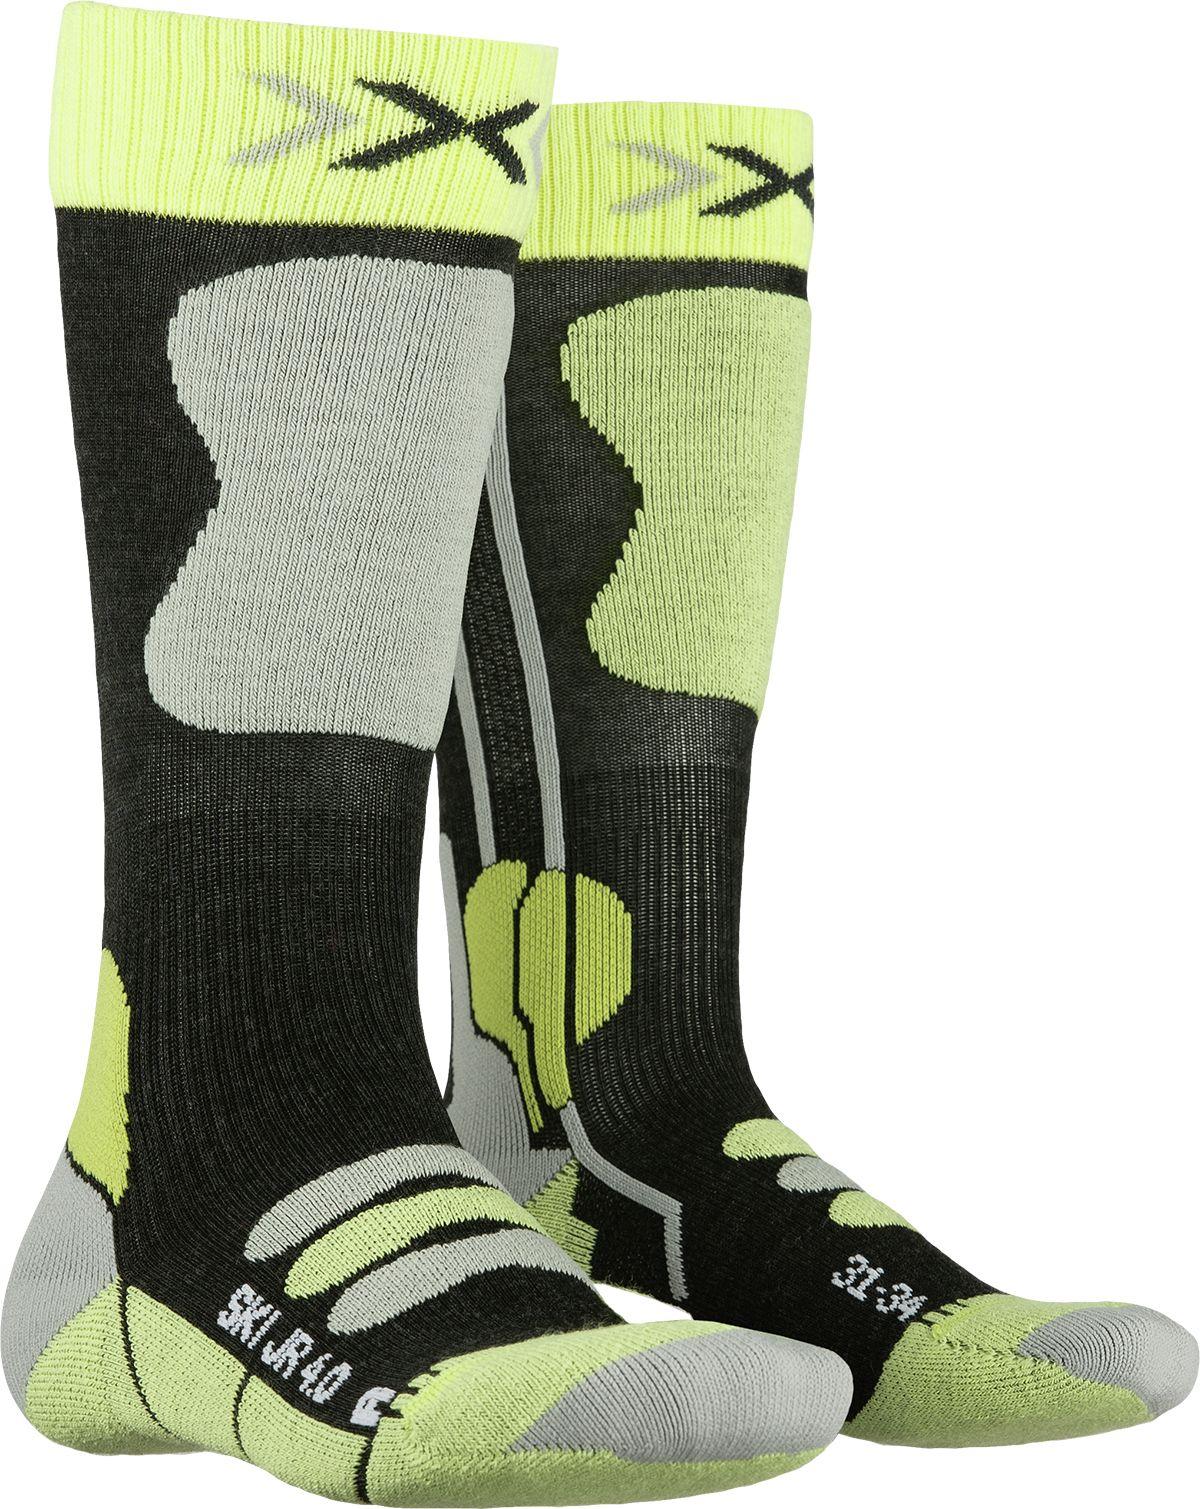 X-Socks Ski Junior 4.0 - anthracite melange/green lime 31-34